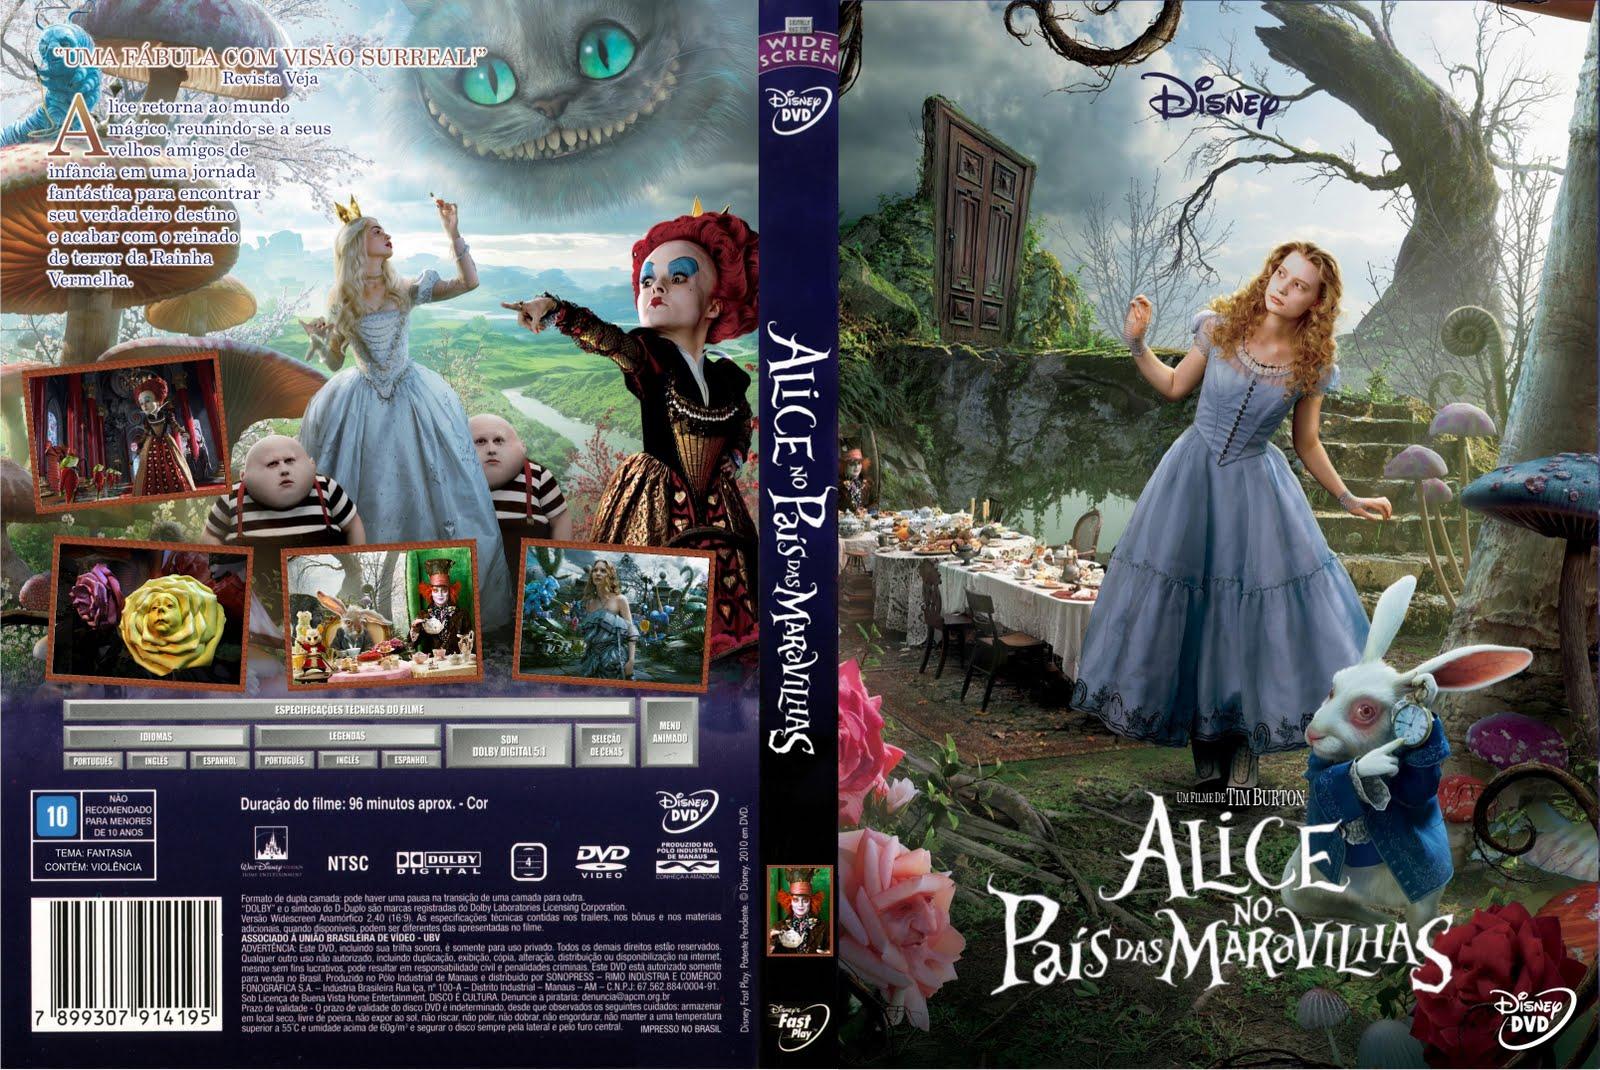 Alice Nos Pais Das Maravilhas Filme Online blog do baruk: alice no país das maravilhas - filme